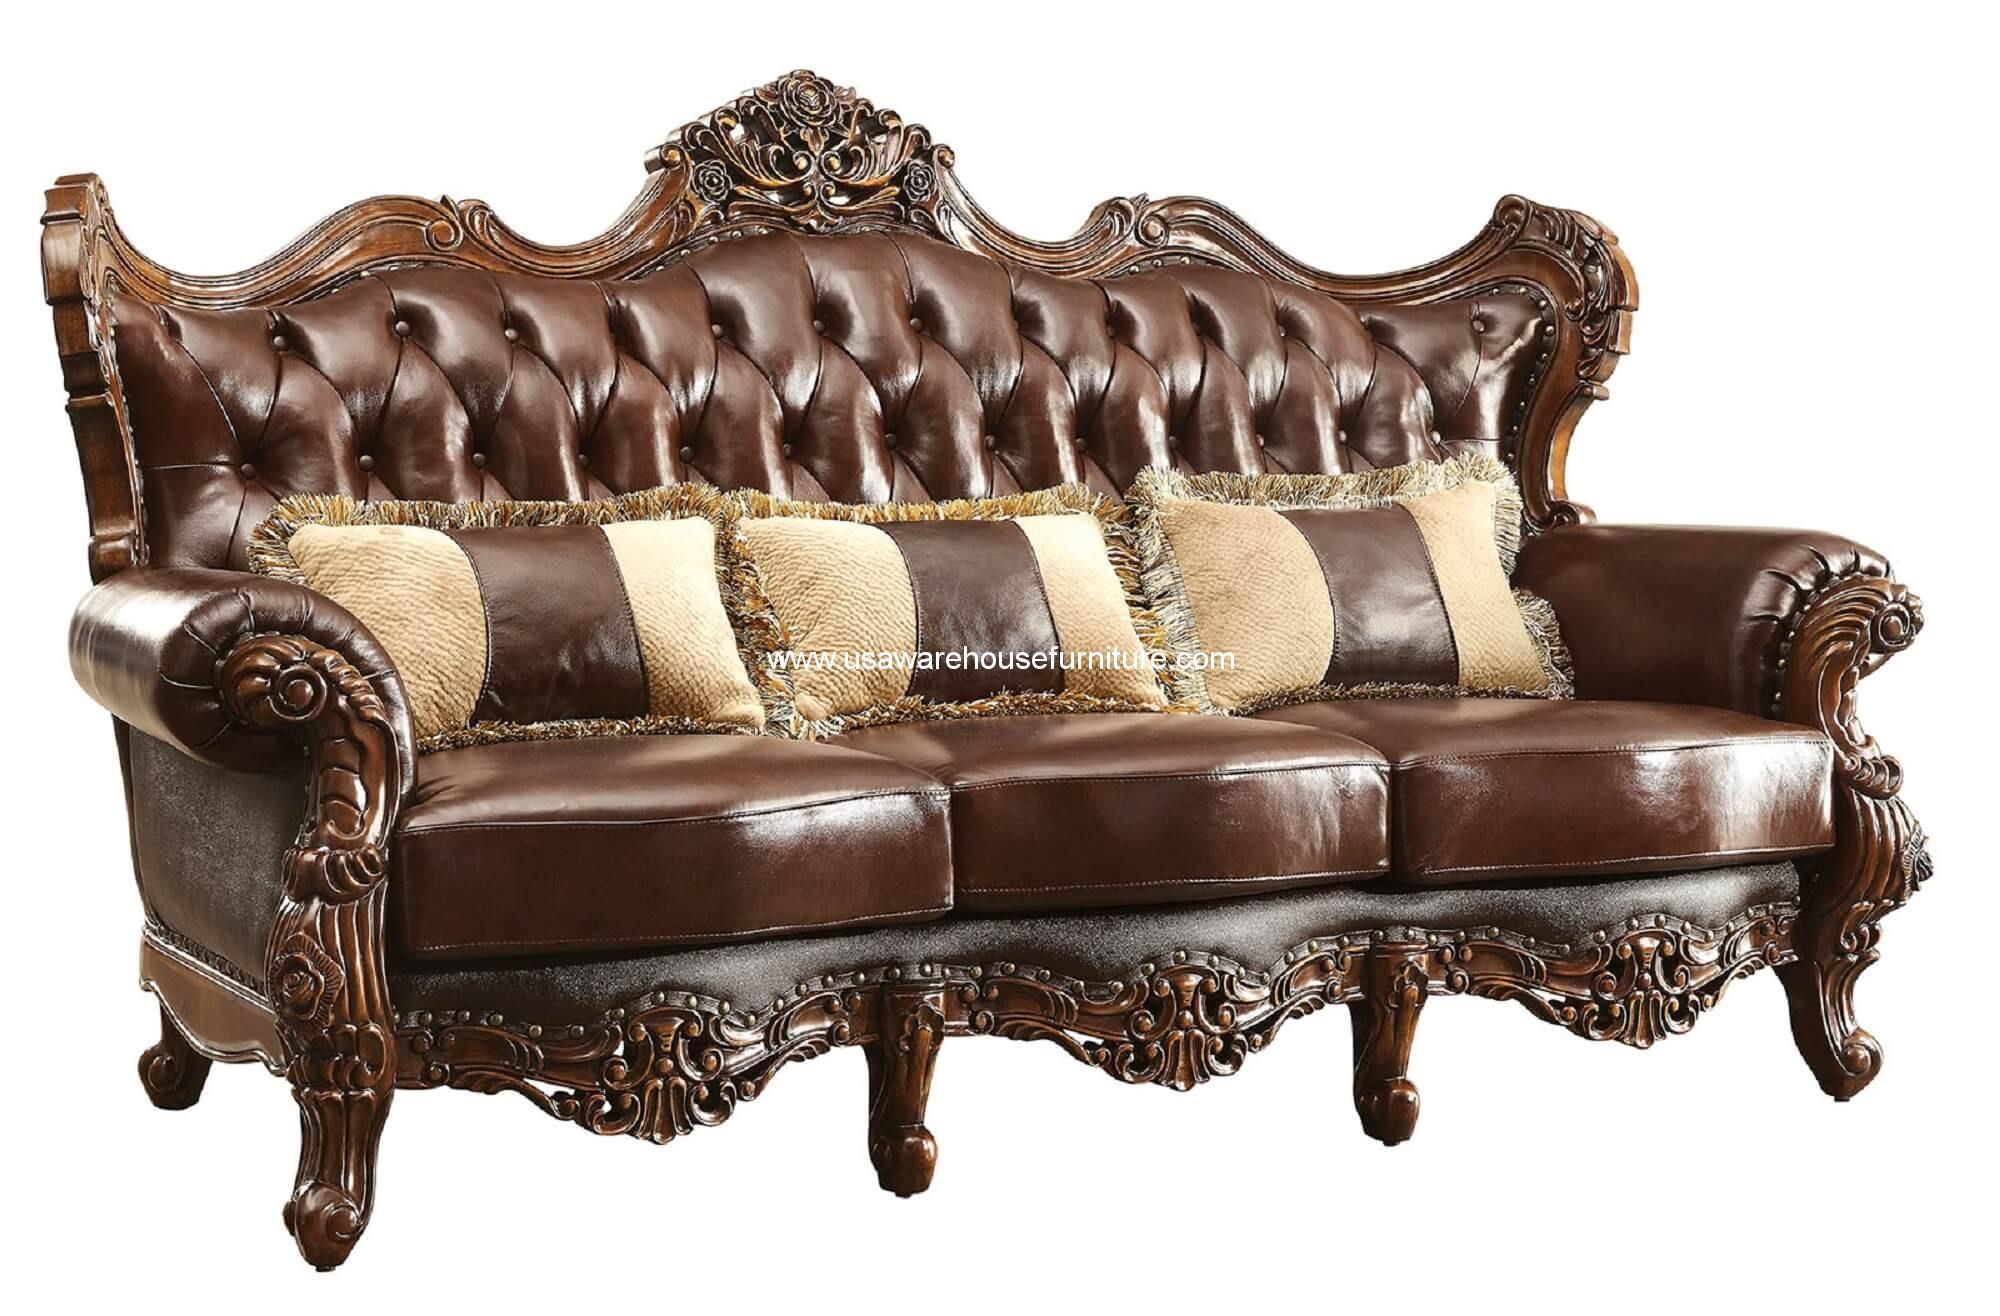 contemporary sofa with wood trim como hacer cama para perros leather sofas wayfair